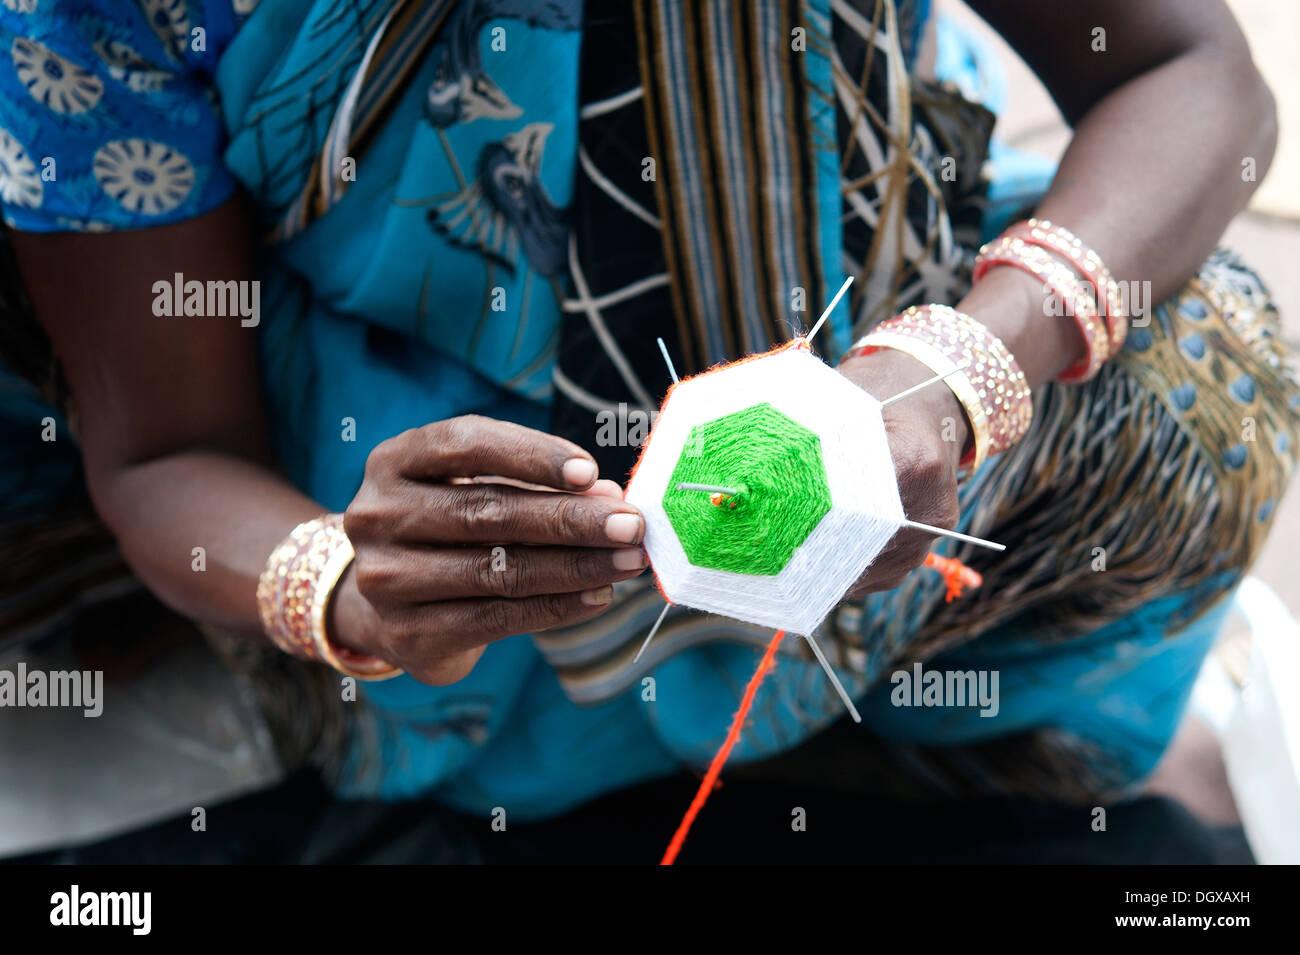 Woman hand crafting a miniature umbrella sporting Indian National Flag, Mumbai, India - Stock Image